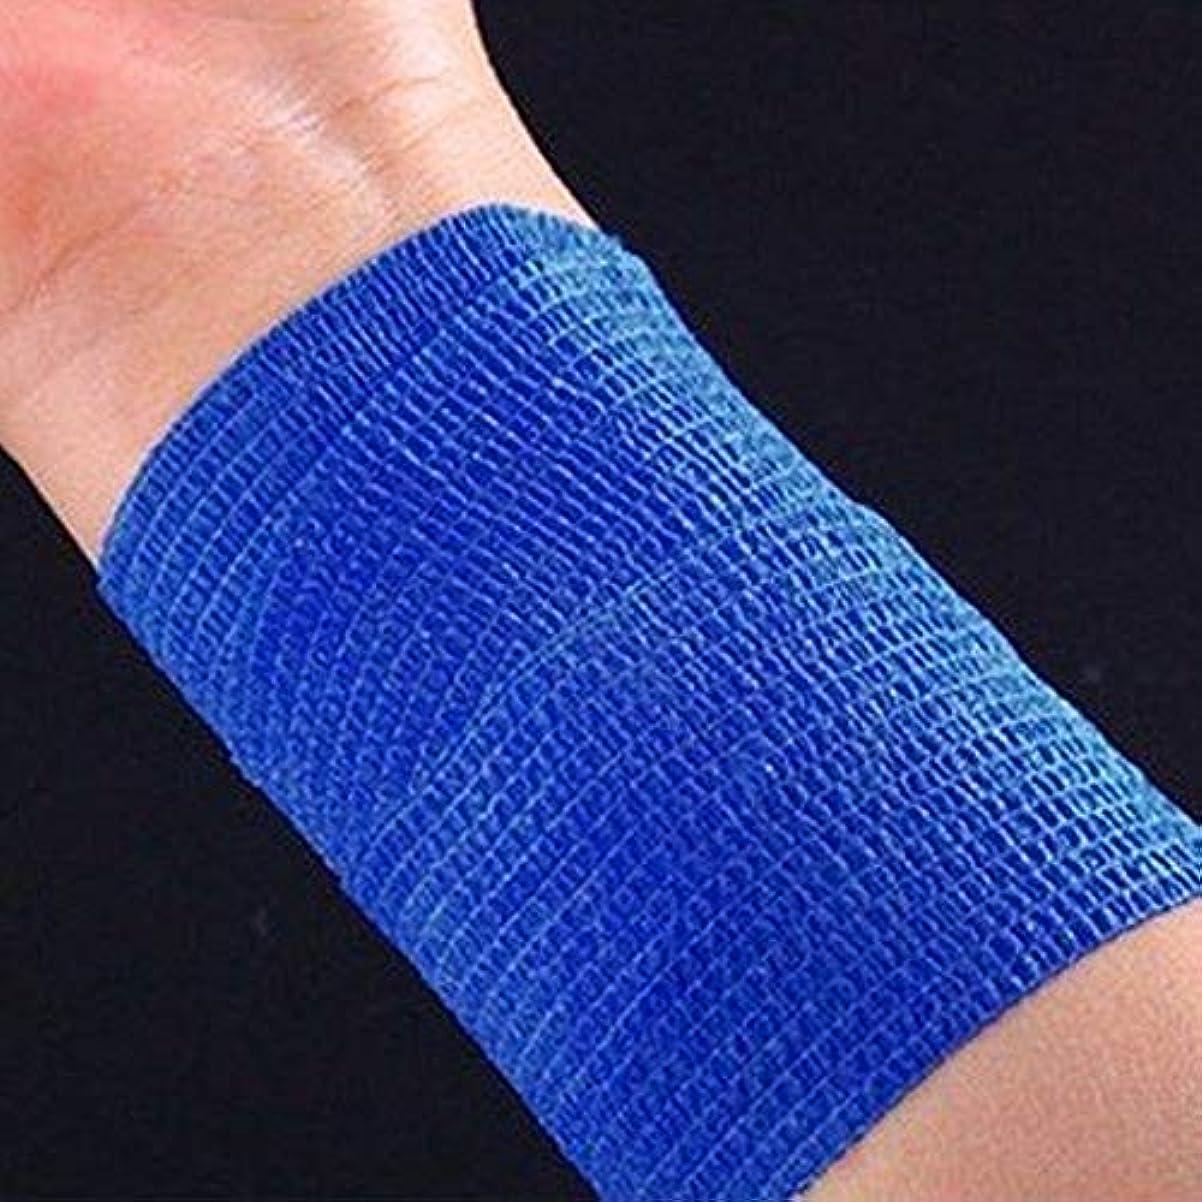 タクト台無しに令状Pichidr-JP 自己接着包帯足首の捻挫、腫れや手首のための2インチの便利な弾性包帯